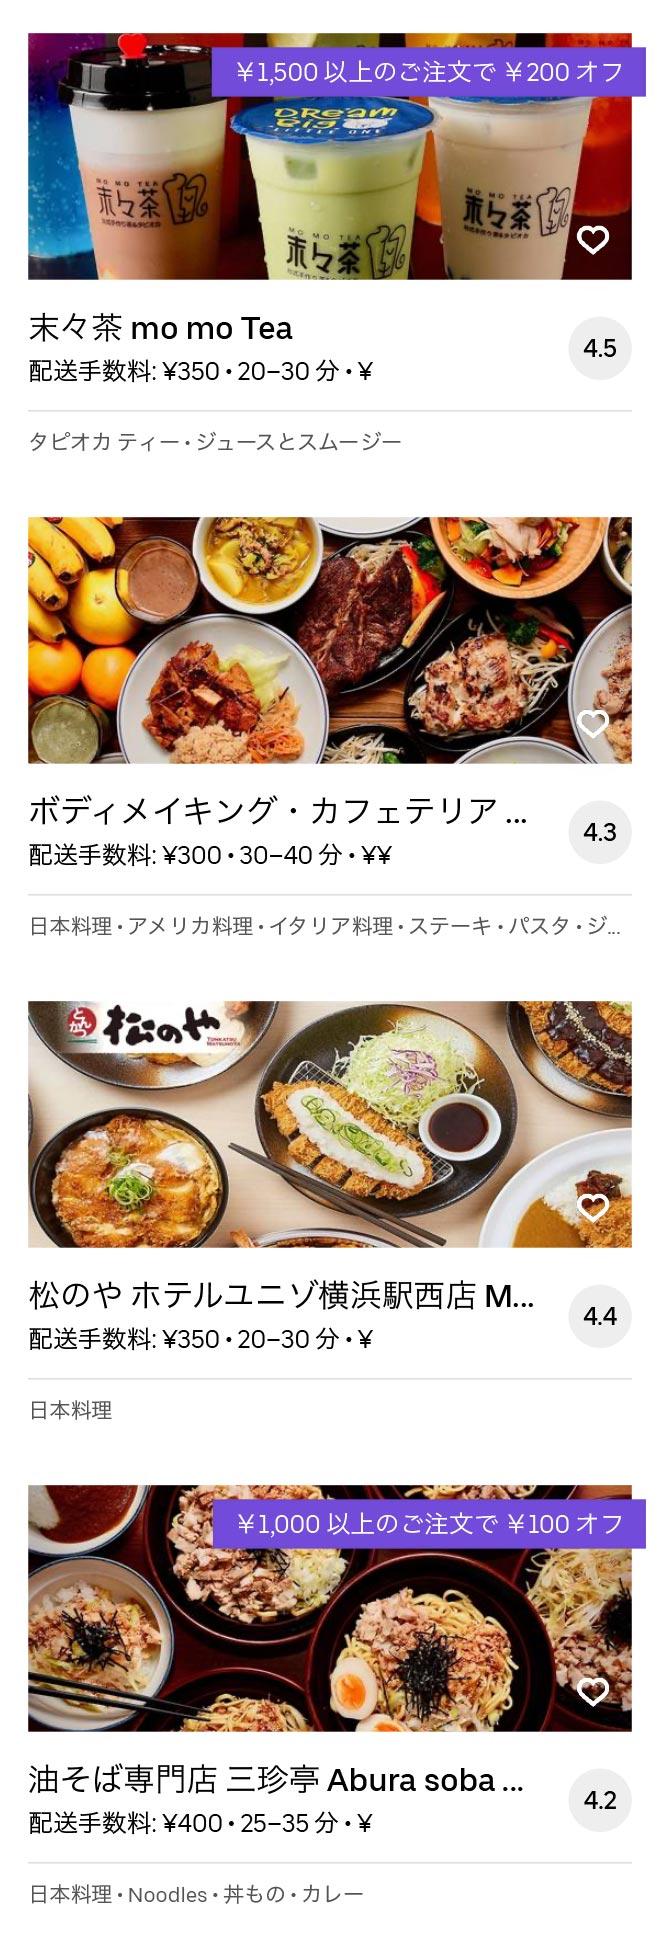 Yokohama hodogaya menu 2004 10